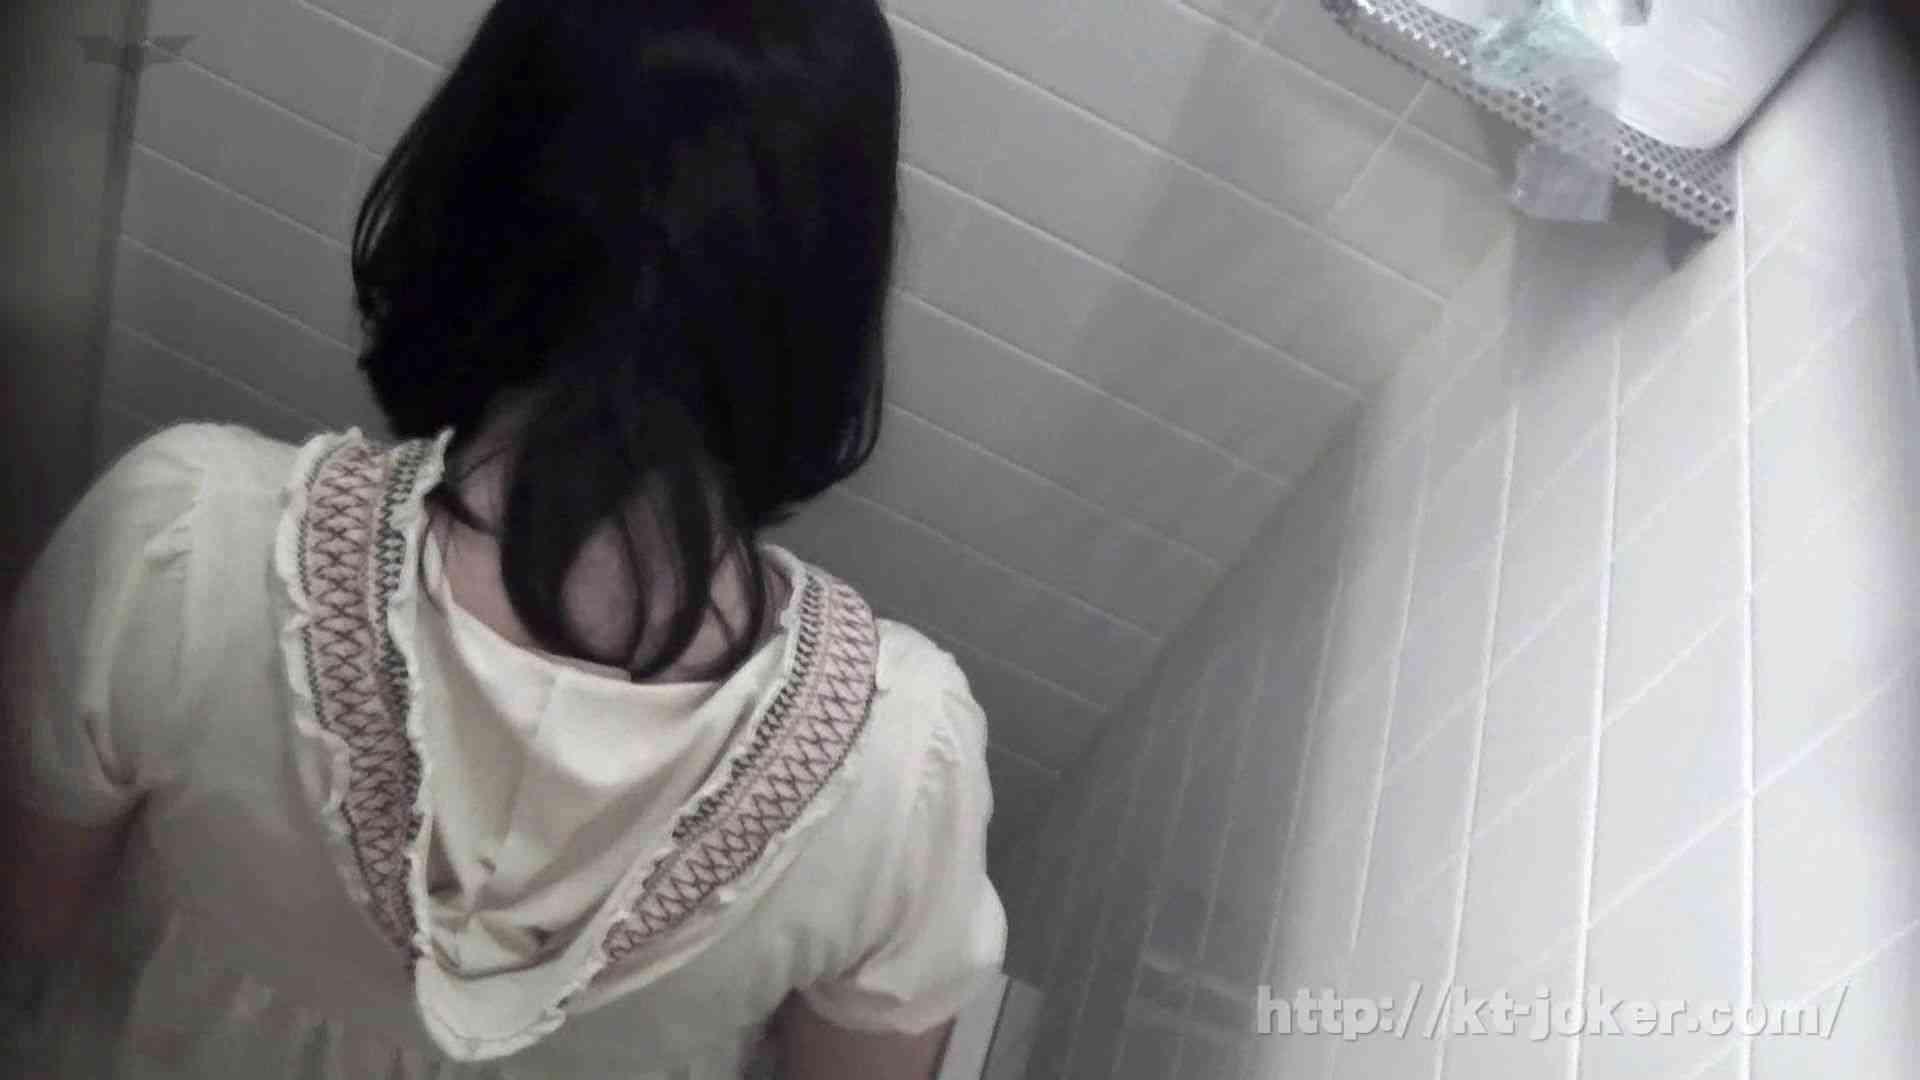 命がけ潜伏洗面所! vol.71 典型的な韓国人美女登場!! 美しいOLの裸体   洗面所突入  72pic 21